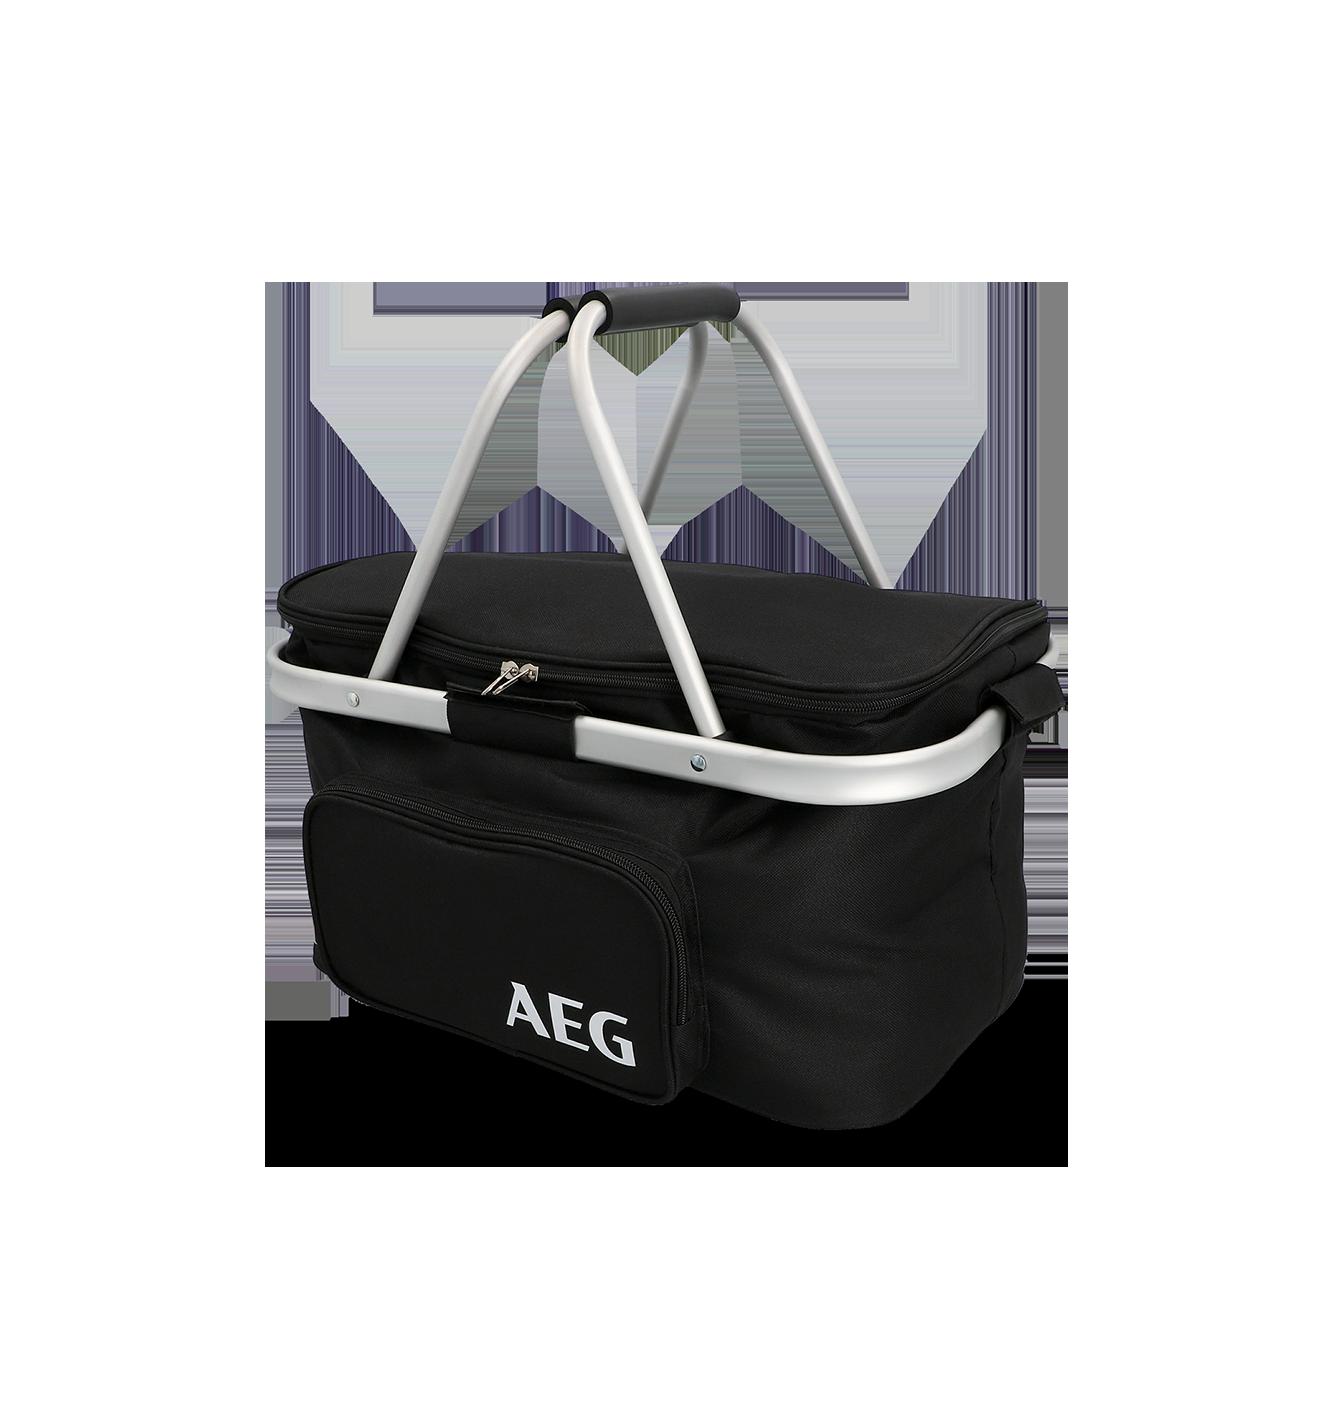 10714 AEG Volumen: 26l, schwarz Kühlbox 10714 günstig kaufen